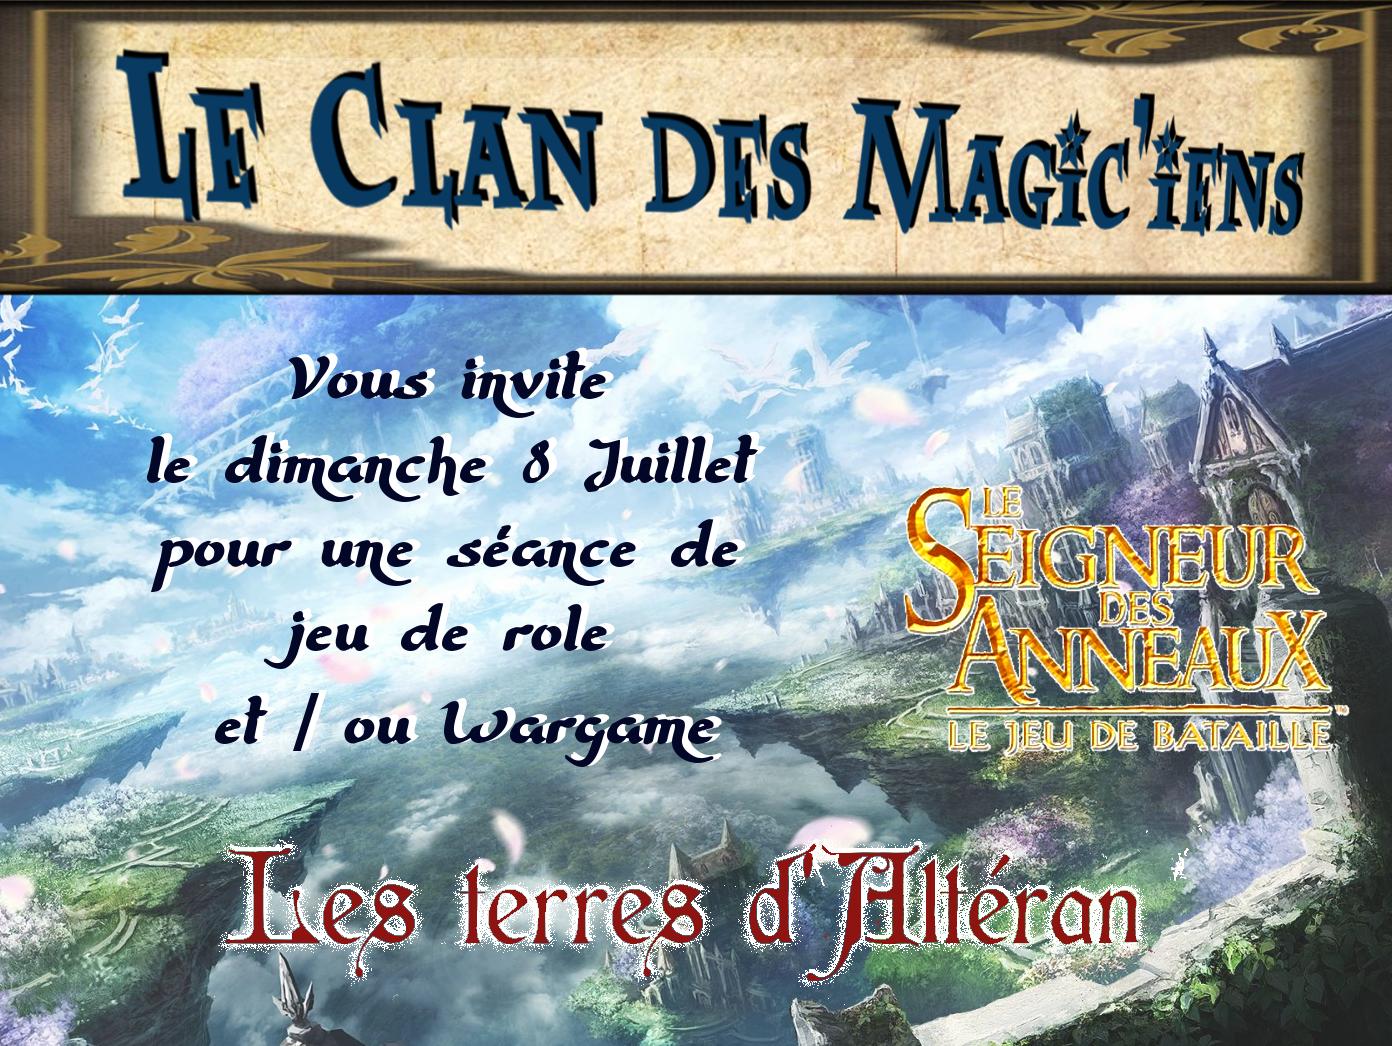 Dimanche 8 Juillet : Jeu de rôle Les Terres d'Altéran et / ou Wargame Le Seigneur des Anneaux à partir de 14 h V008y